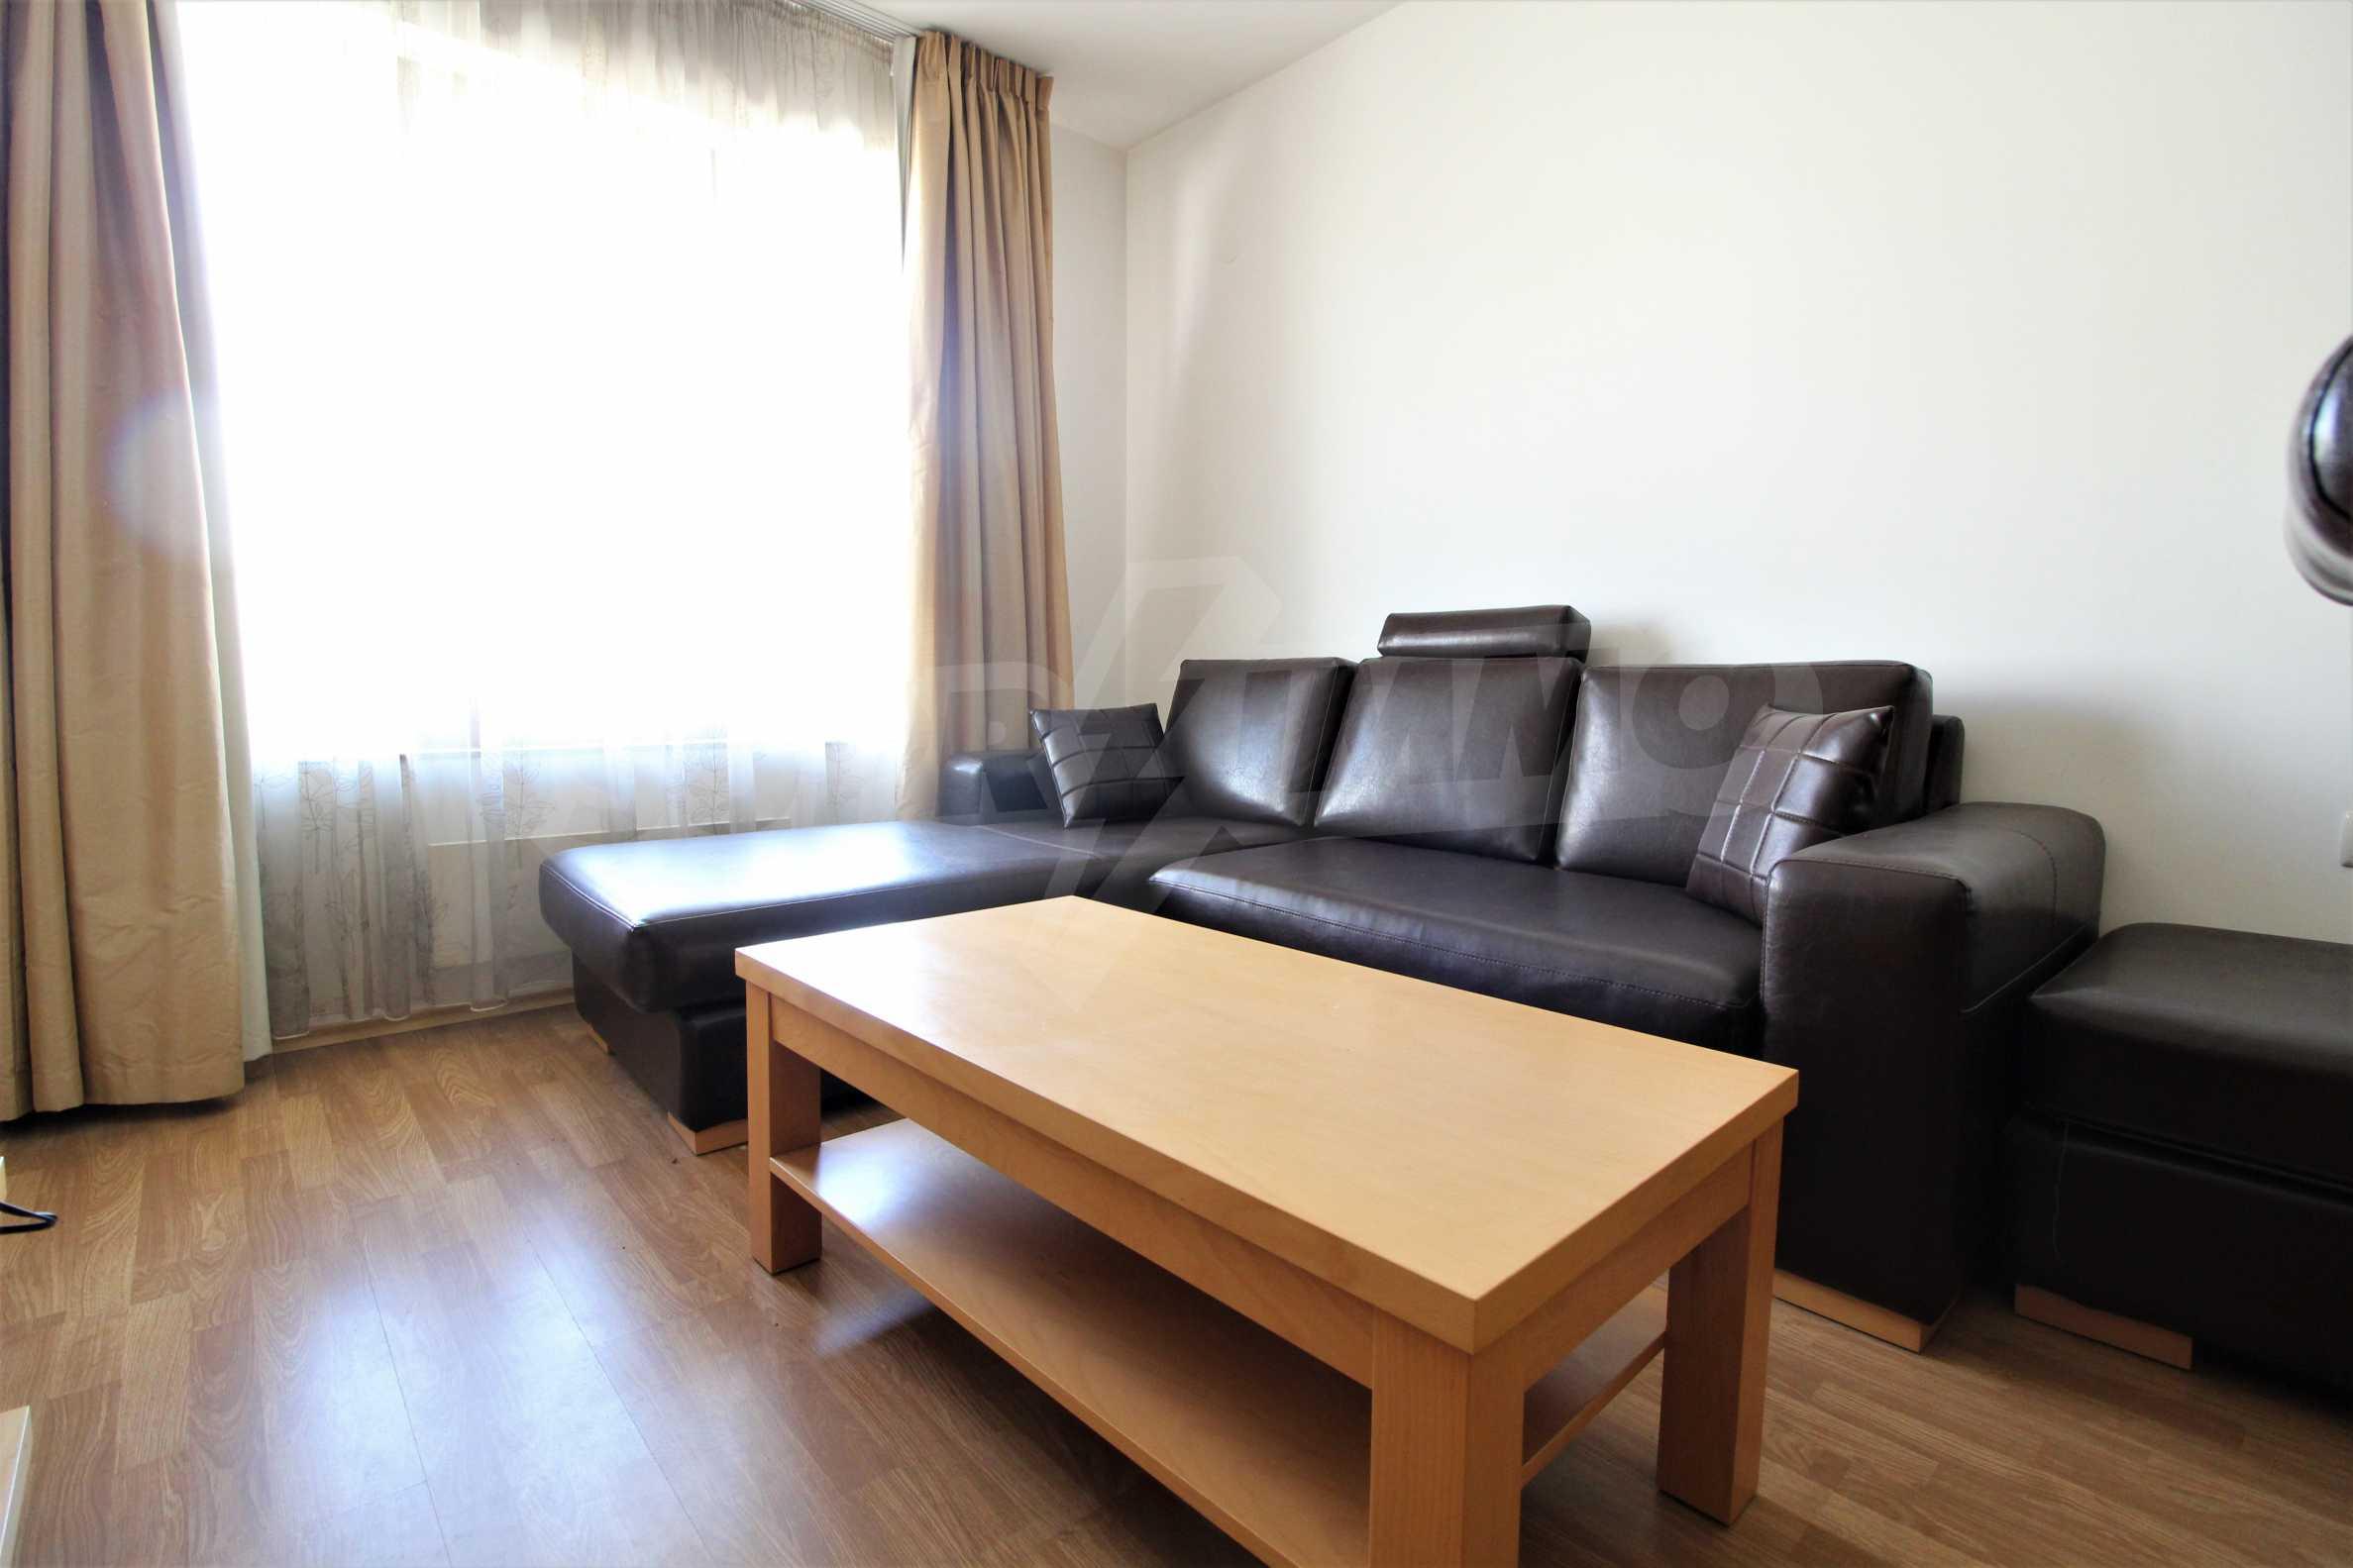 Möbliertes Apartment mit zwei Schlafzimmern im Top Lodge-Komplex, nur wenige Meter vom Skilift in Bansko entfernt 3